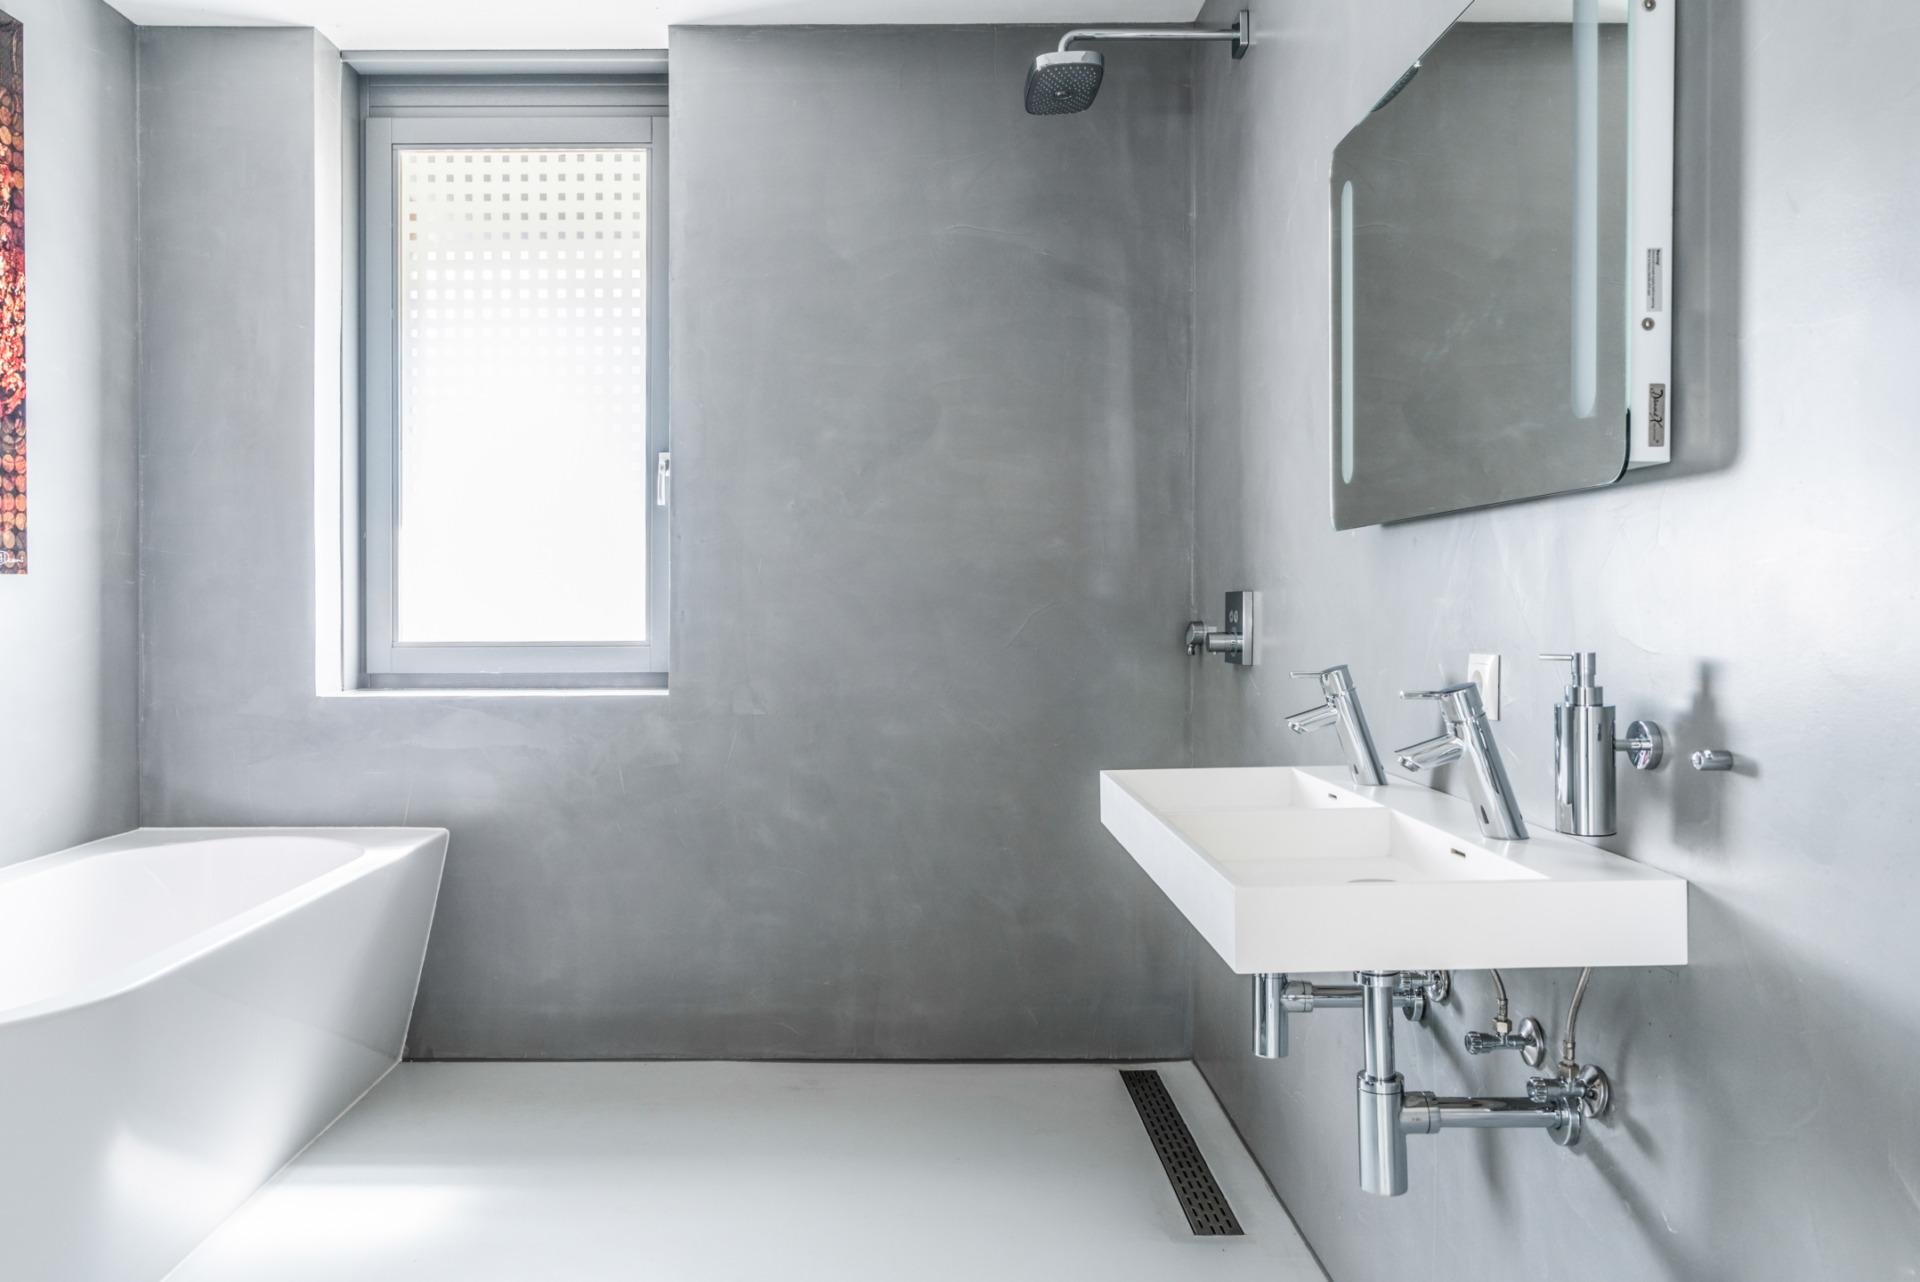 Super Betonlook badkamer in Driebergen Rijsenburg - Bekijk project! ZM-64